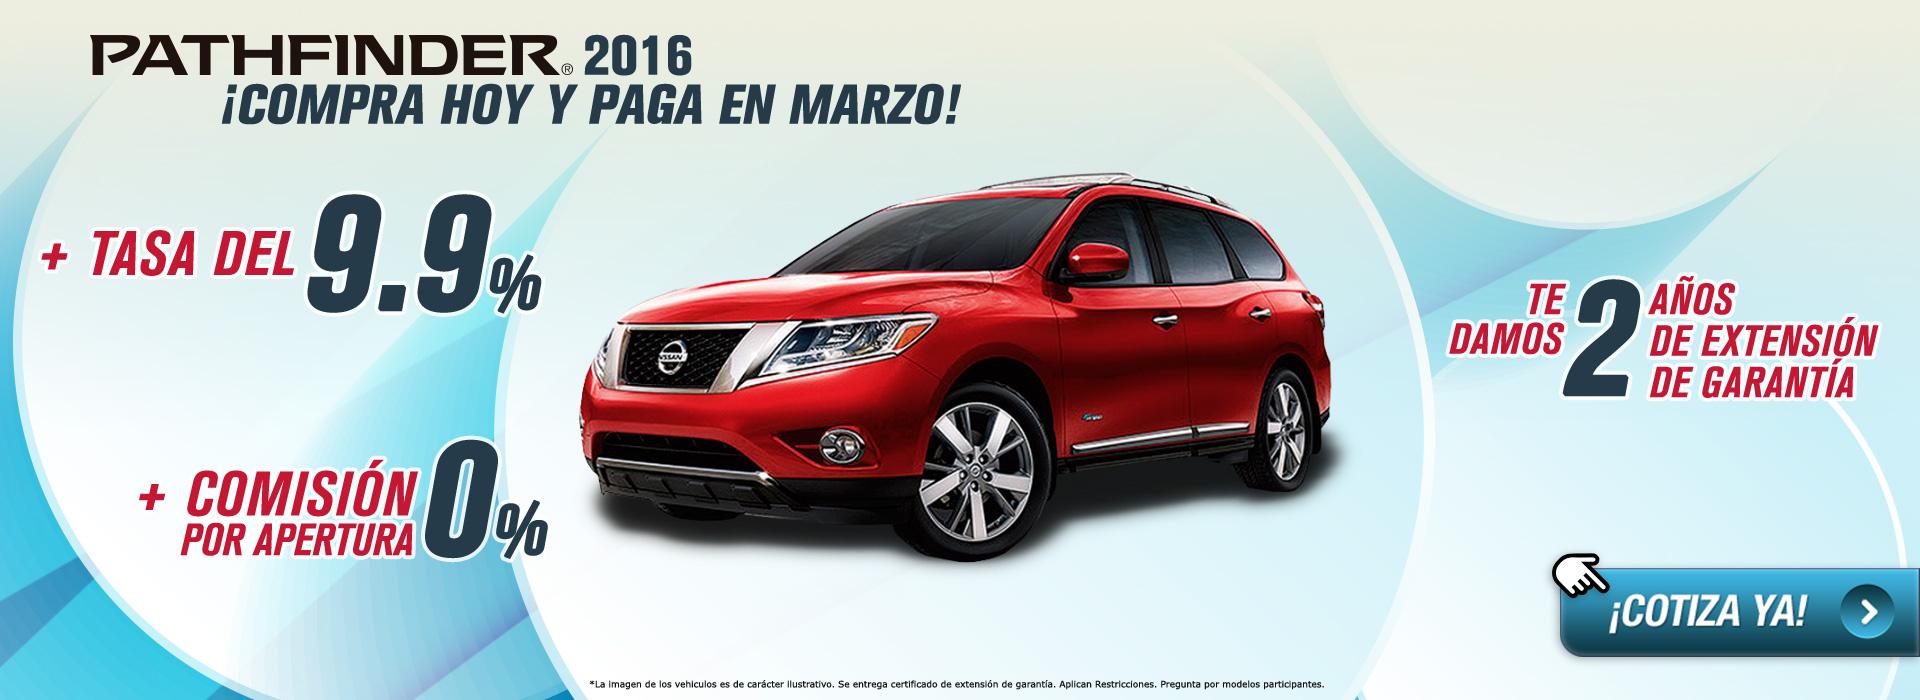 Nissan Pathfinder 2016, ¡Compra hoy y paga en marzo!